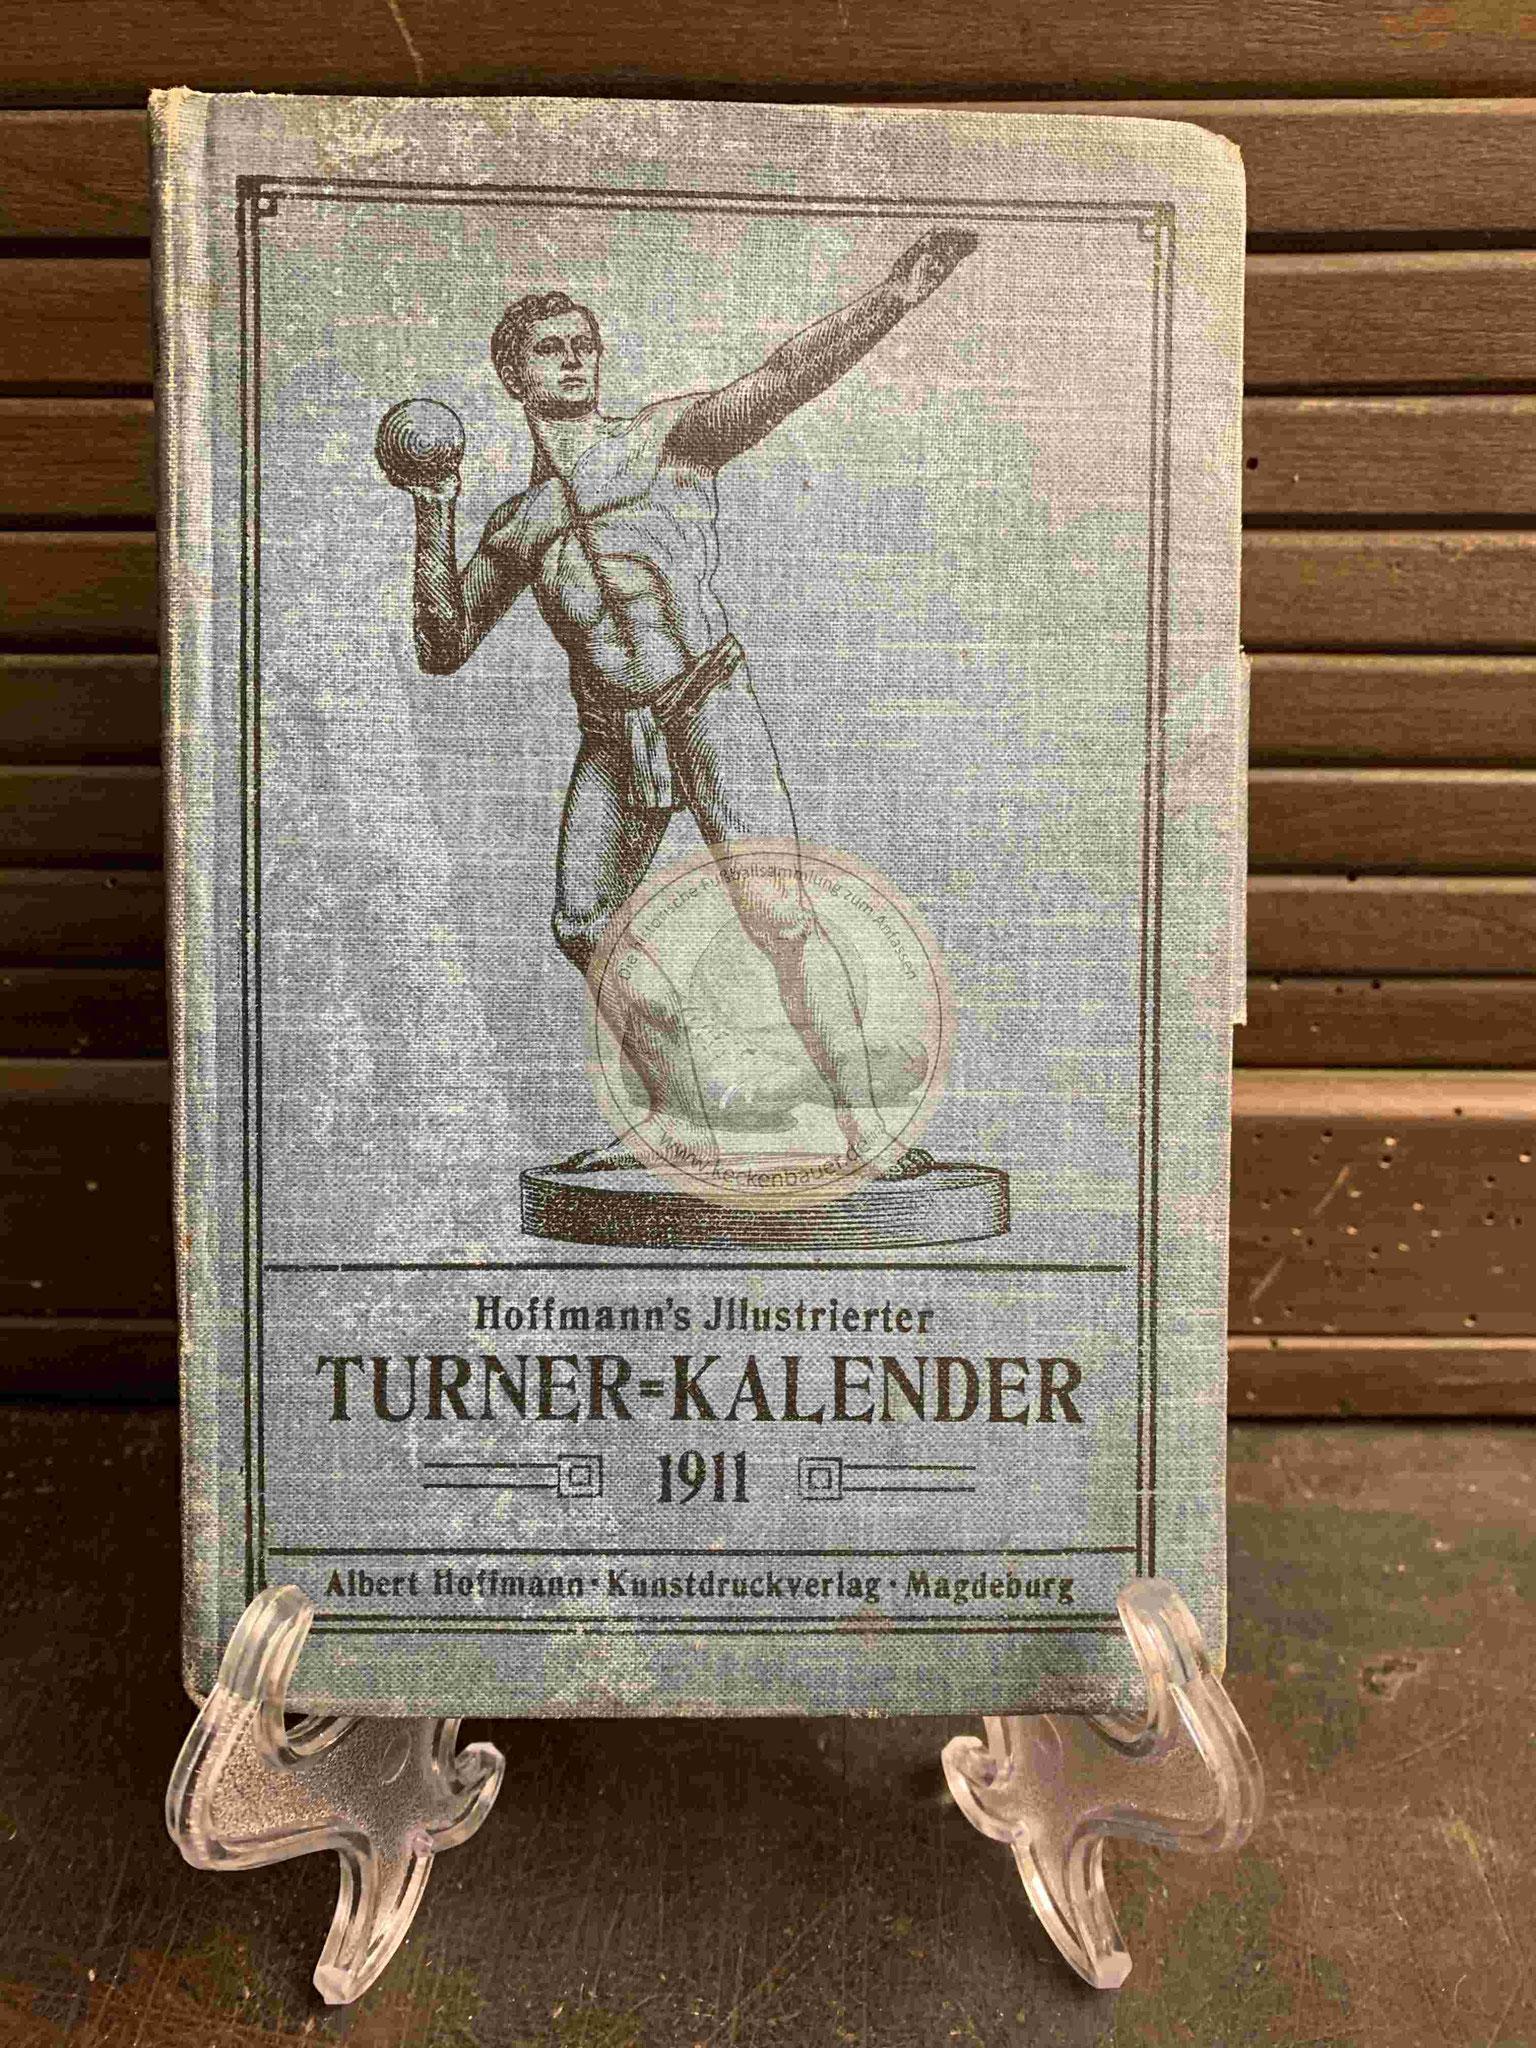 Hoffmann´s Illustrierter Turner Kalender von Albert Hoffmann im Kunstdruckverlag Magdeburg aus dem Jahr 1911